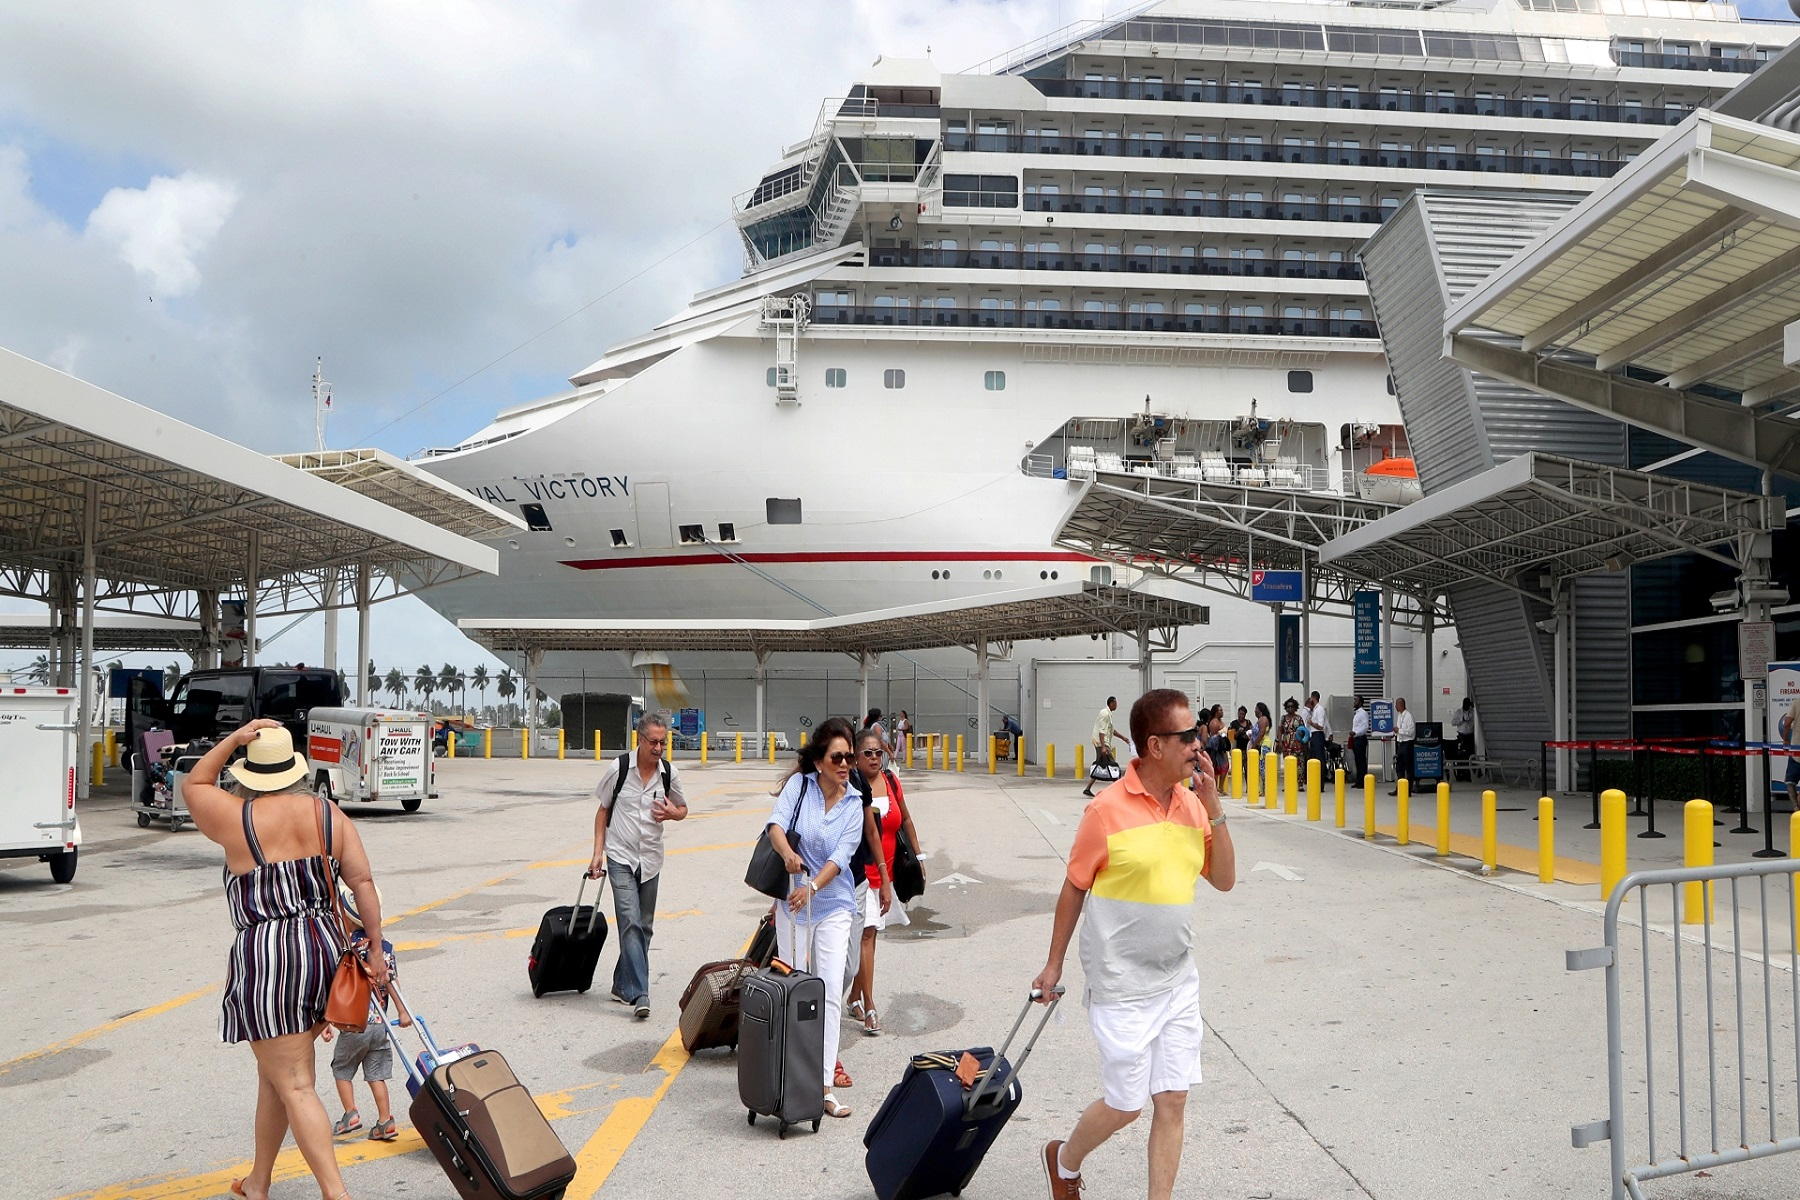 Εφετείο ΗΠΑ: Το Δικαστήριο αποκλείει τη διαταγή CDC άρσης των κανόνων του κορωνοϊού στα κρουαζιερόπλοια